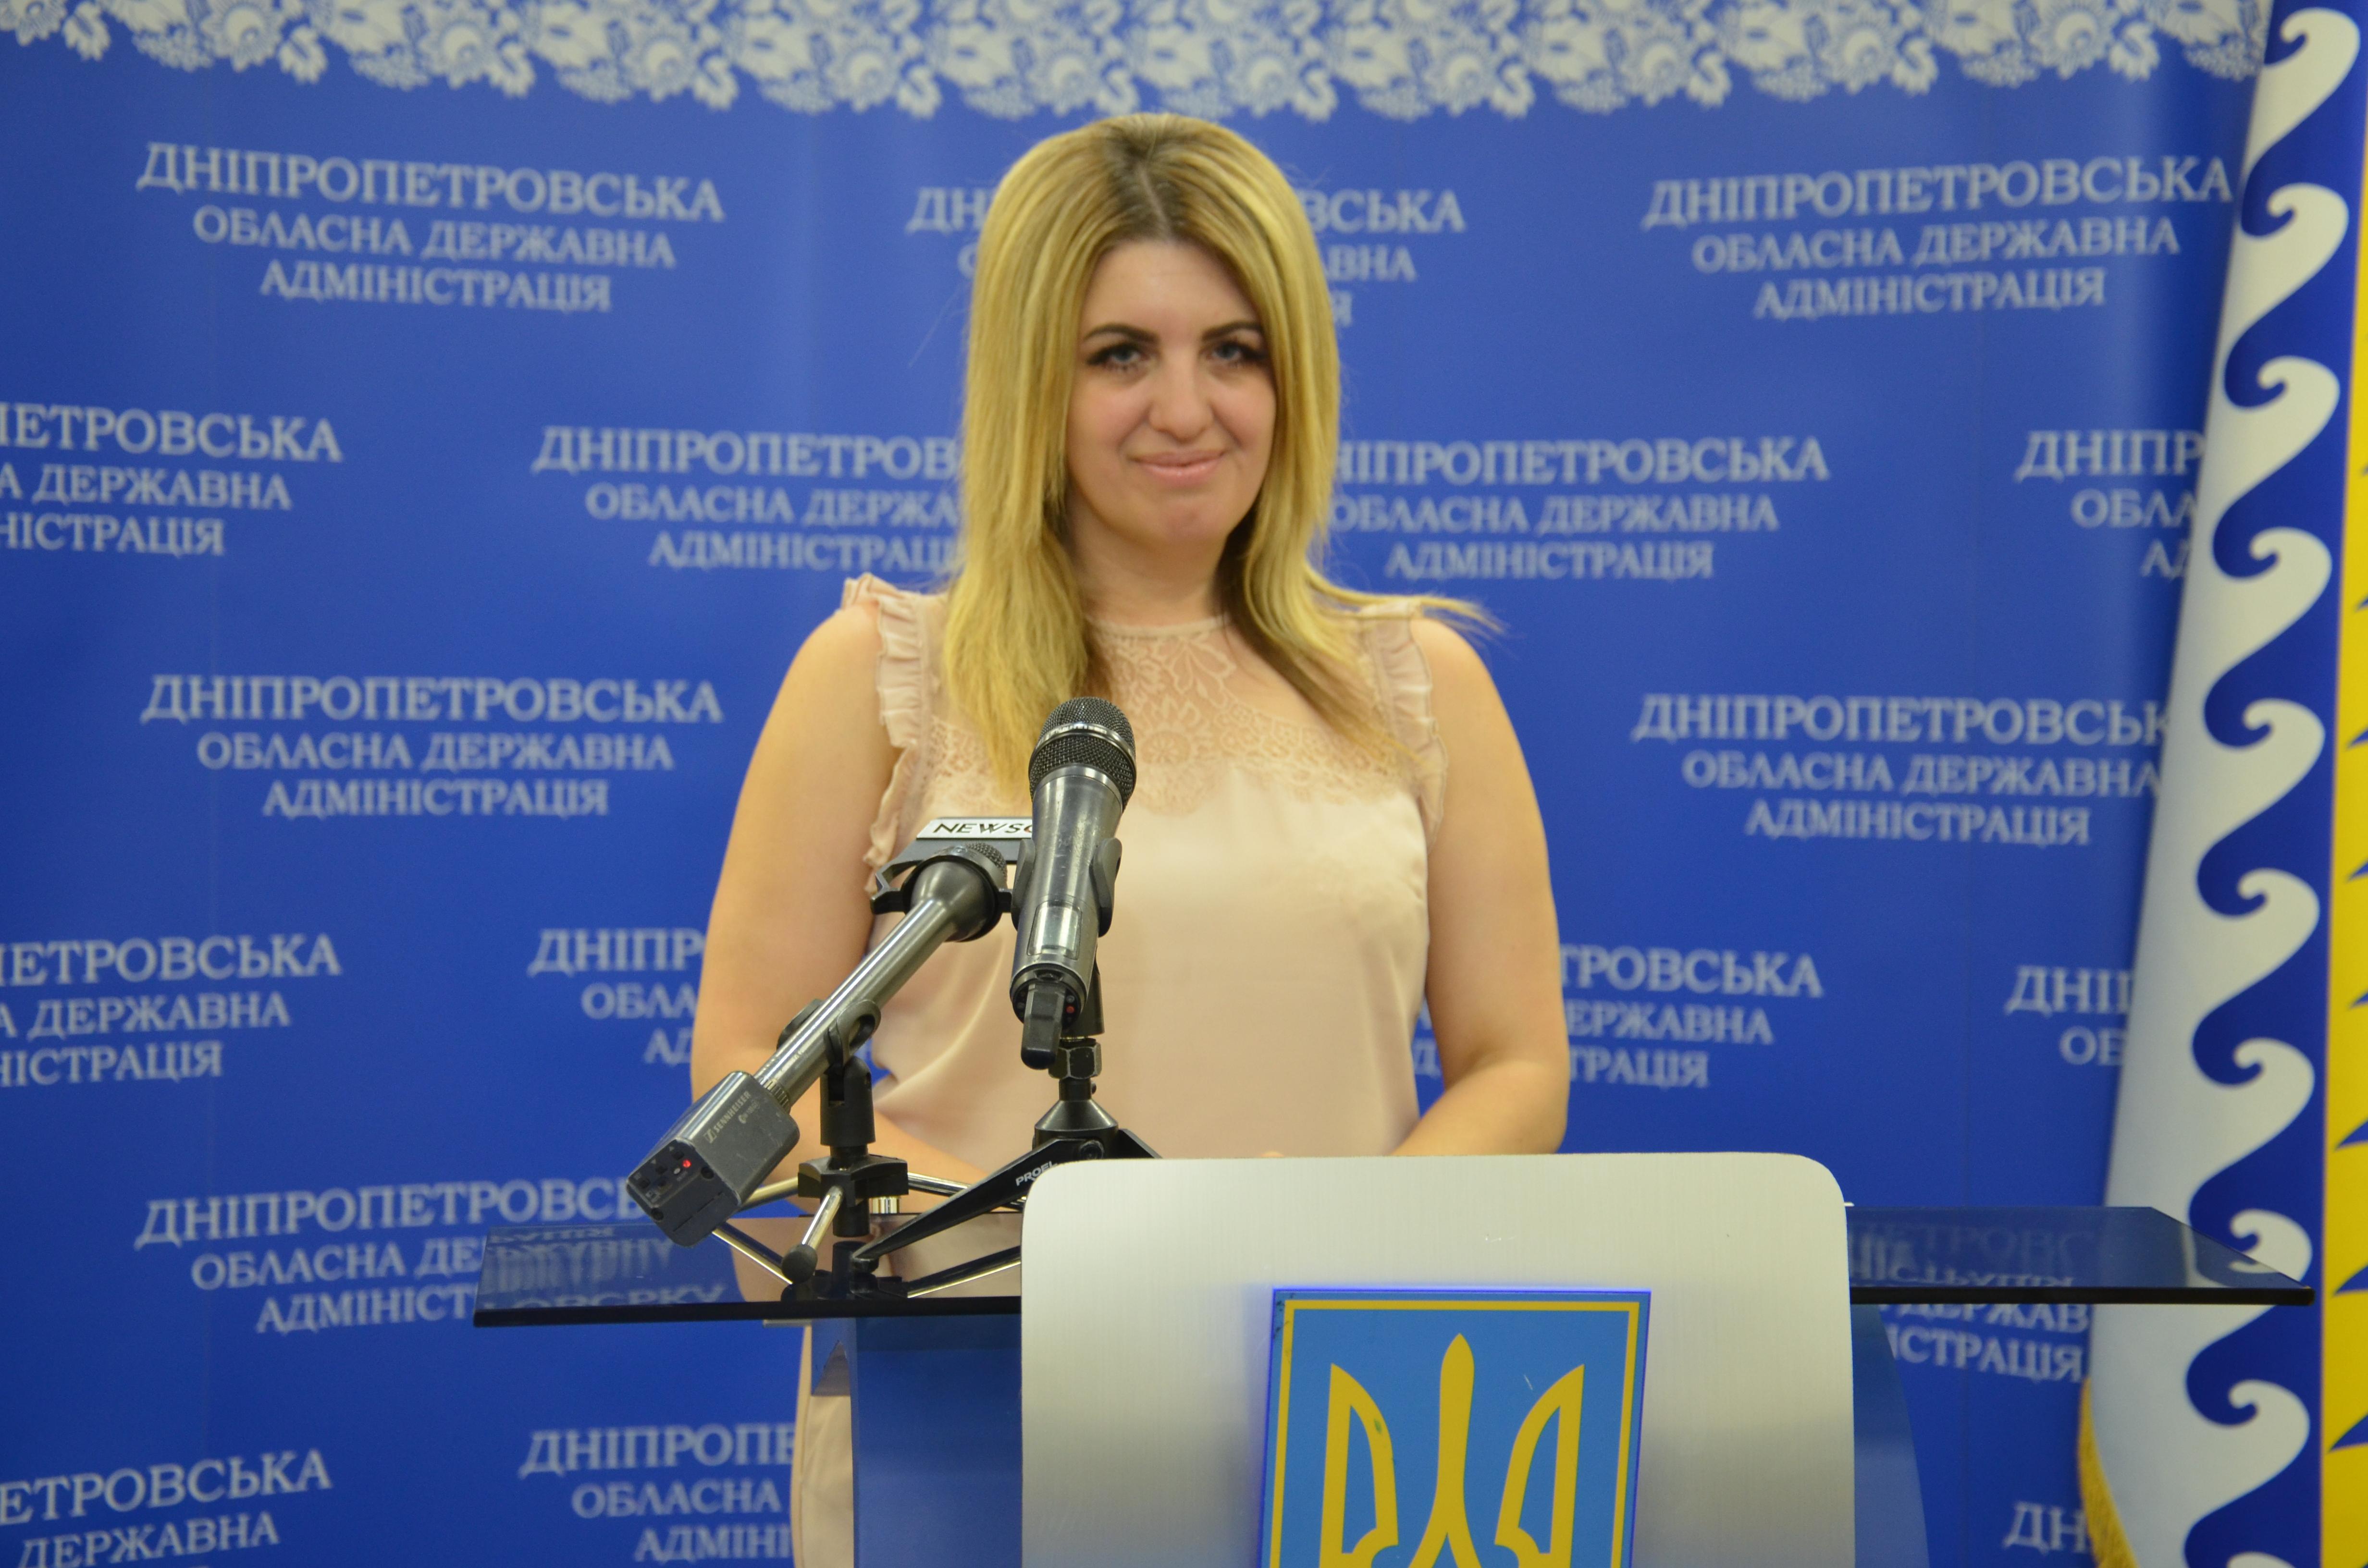 Дніпропетровщина першою в Україні створила регіональну програму розвитку сфери адмінпослуг